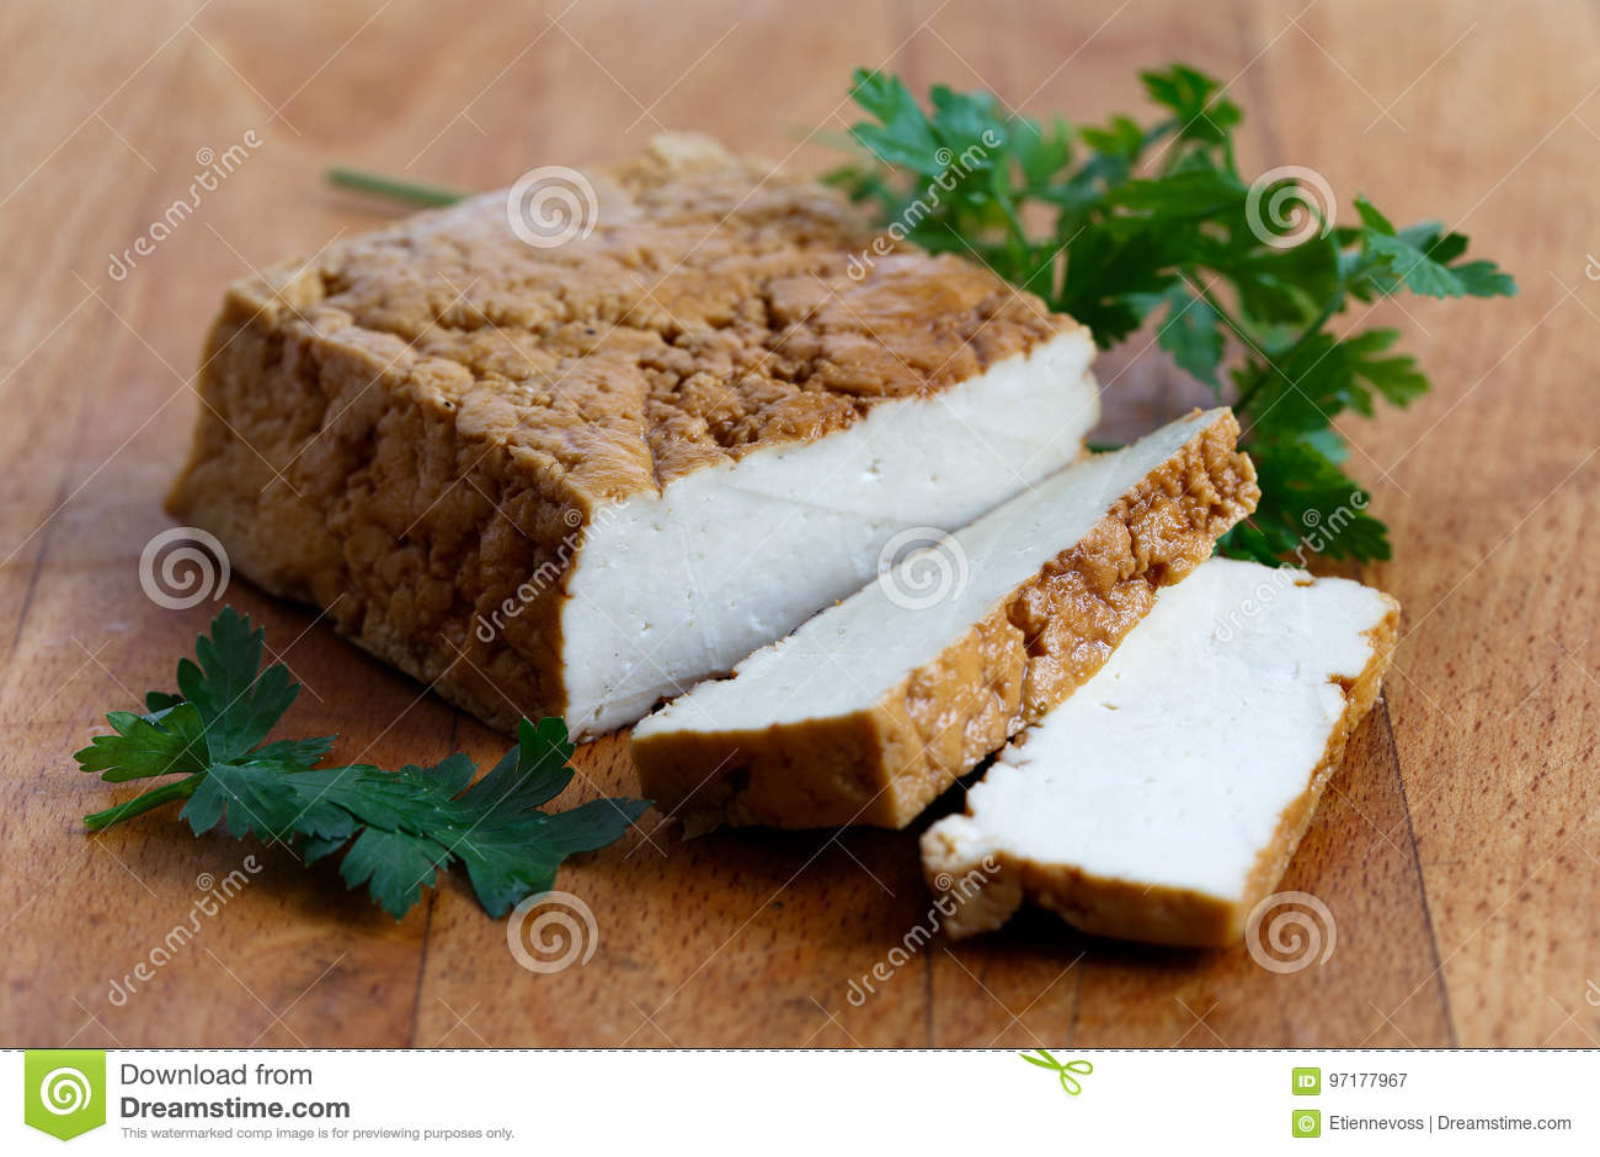 Bloc de tofu fumé, de deux tranches de tofu et de persil frais sur le bois